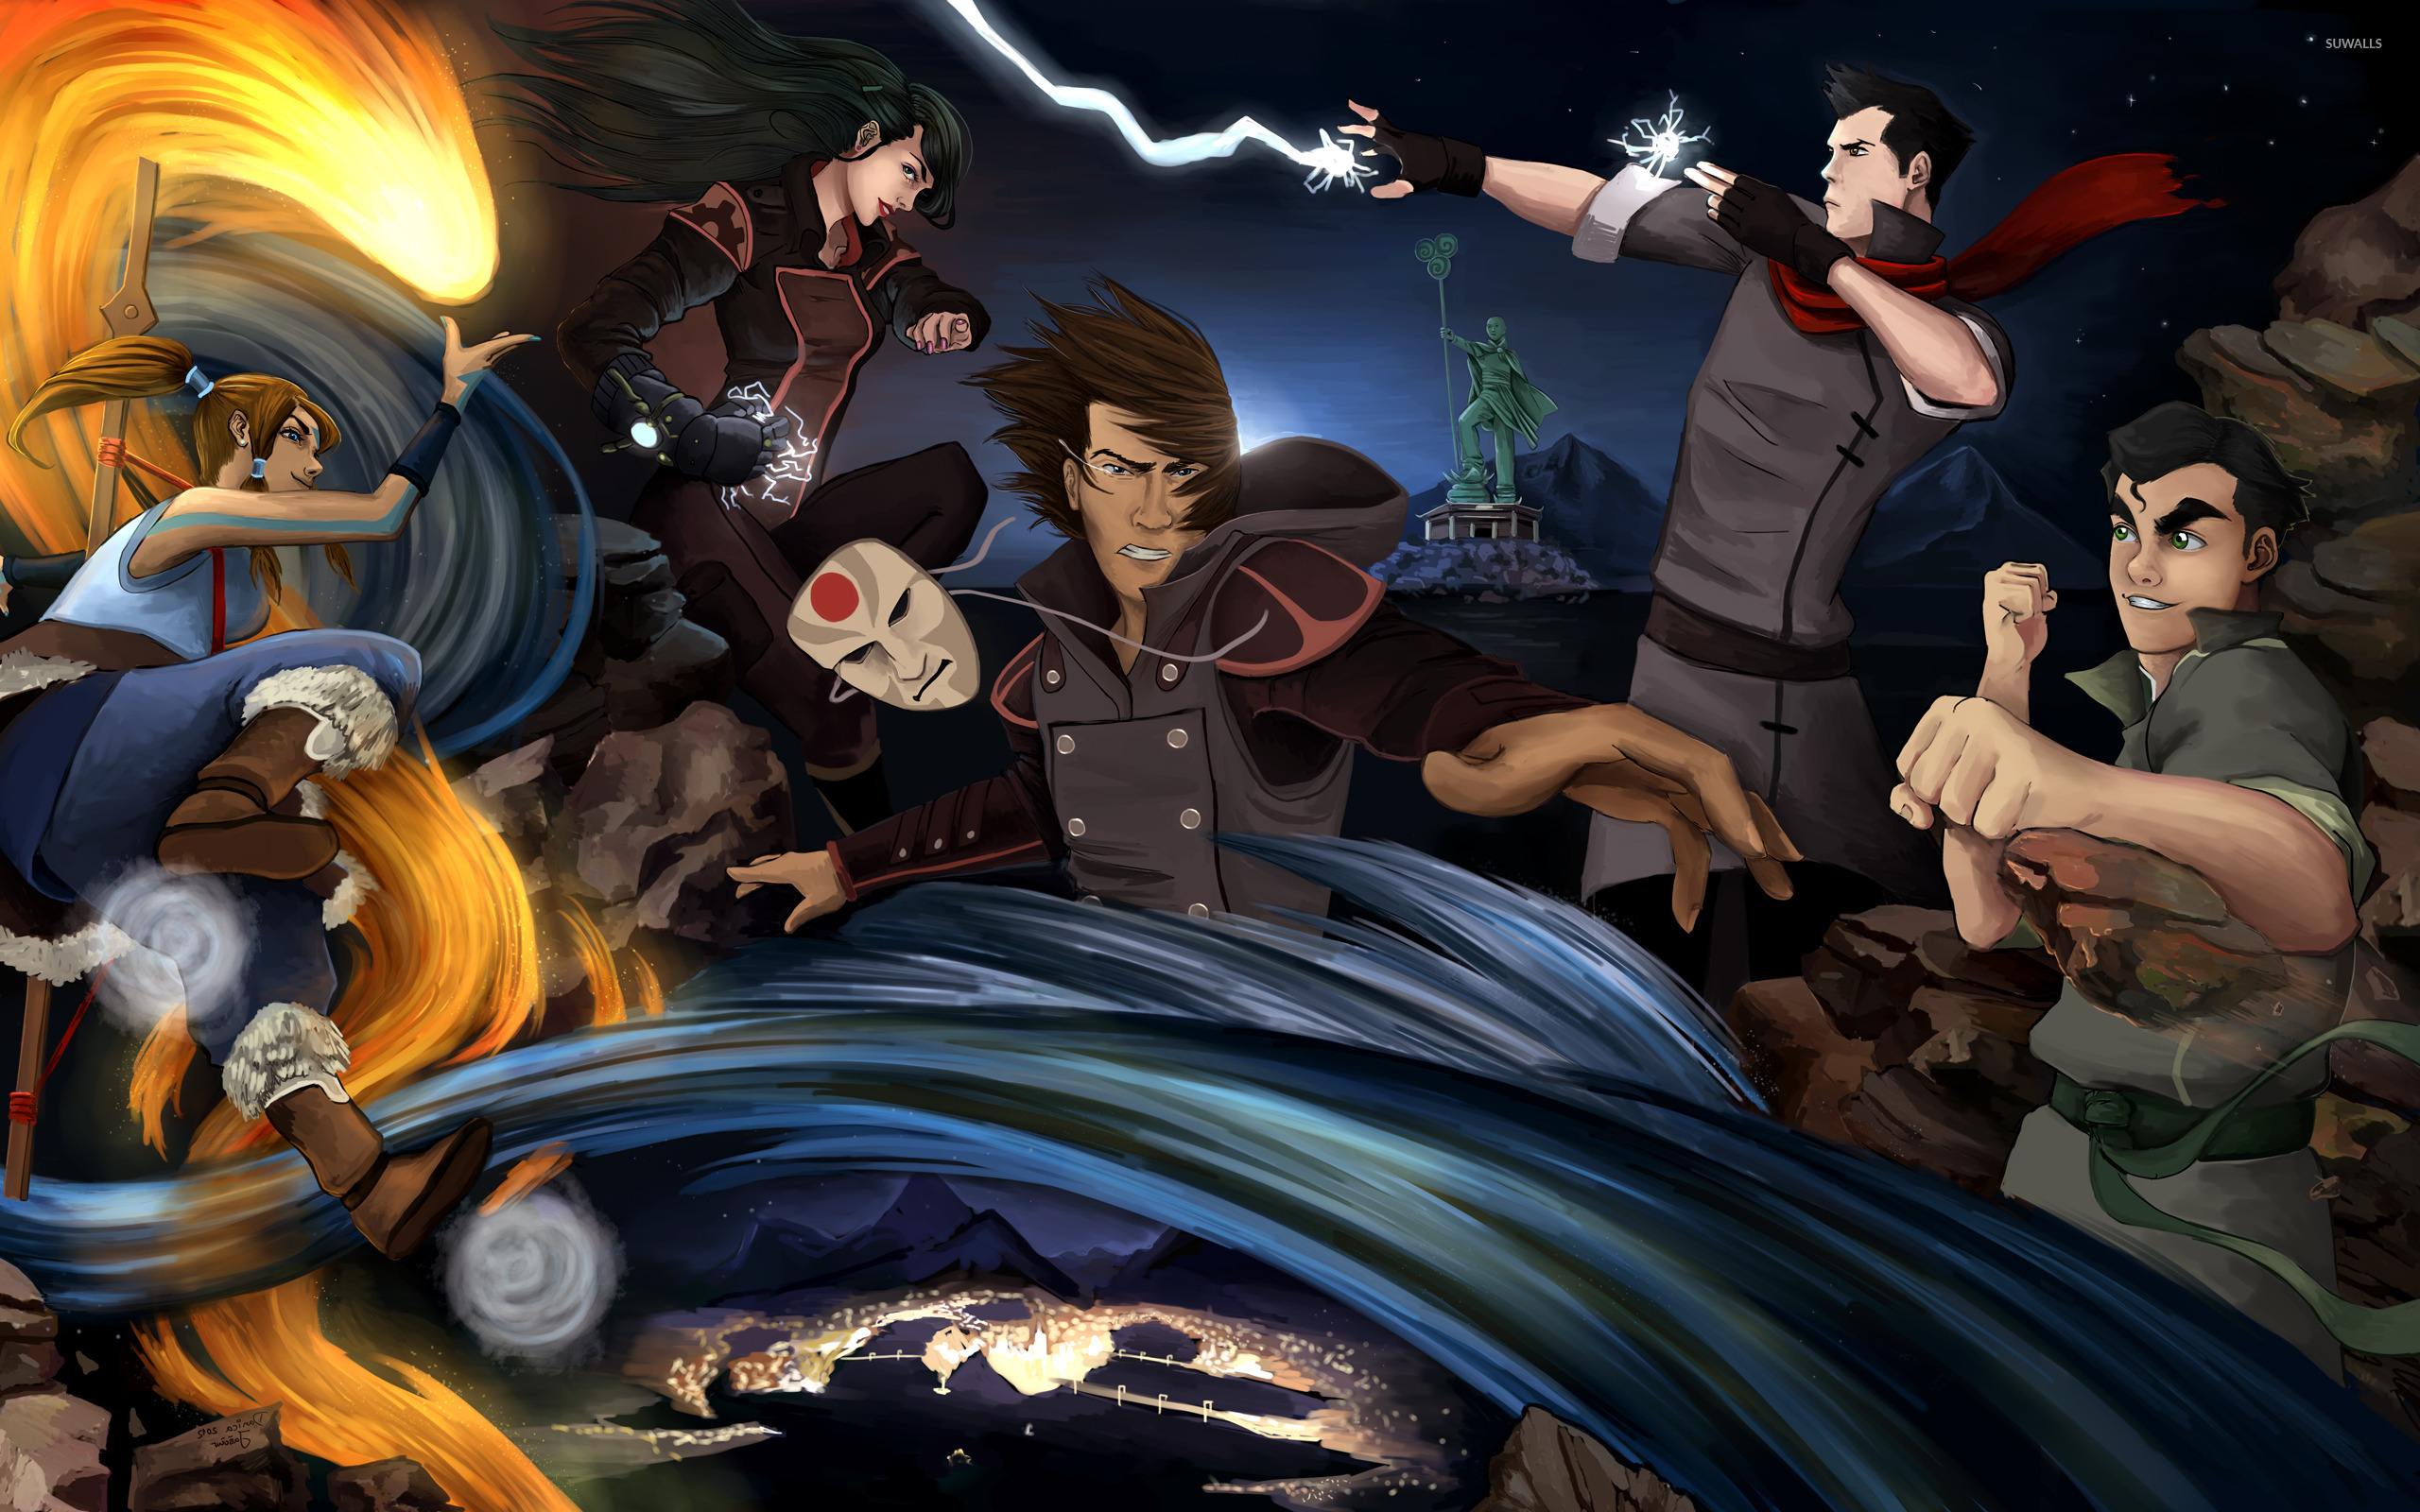 Avatar The Legend Of Korra 4 Wallpaper Anime Wallpapers 13972